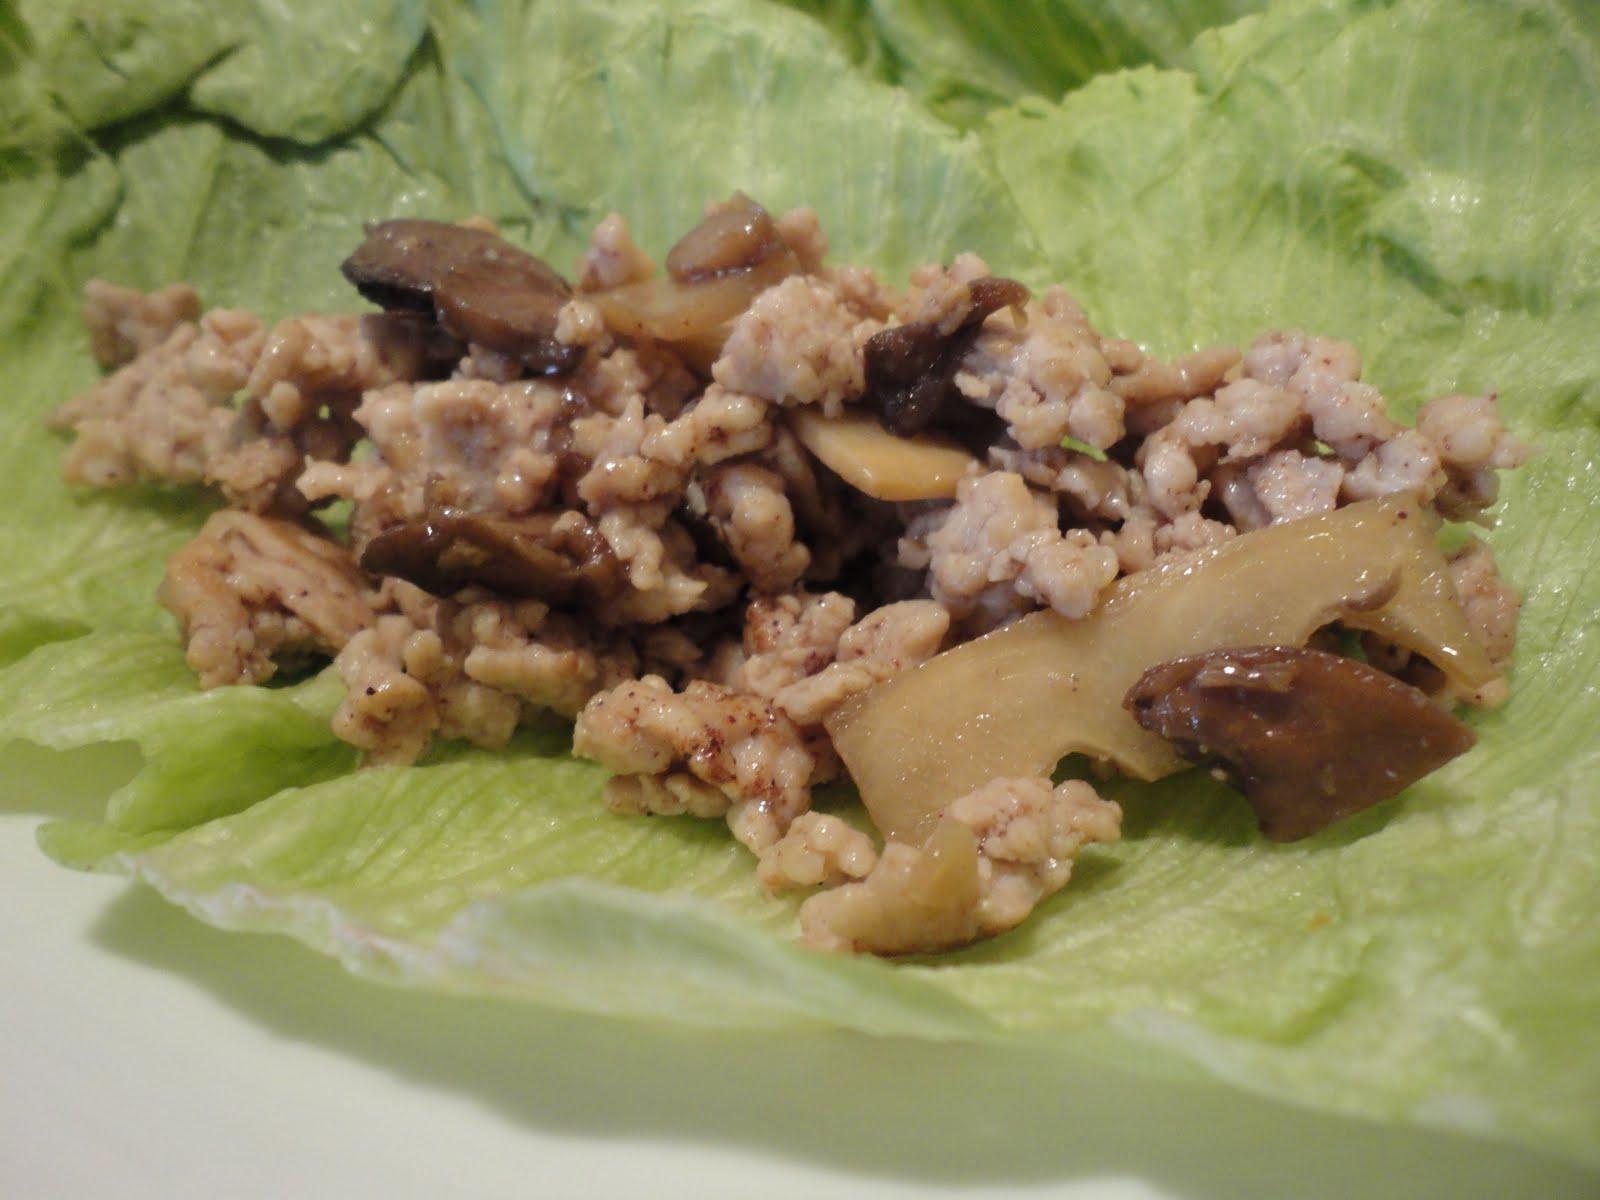 Seven Spice Pork Lettuce Wraps Recipes — Dishmaps